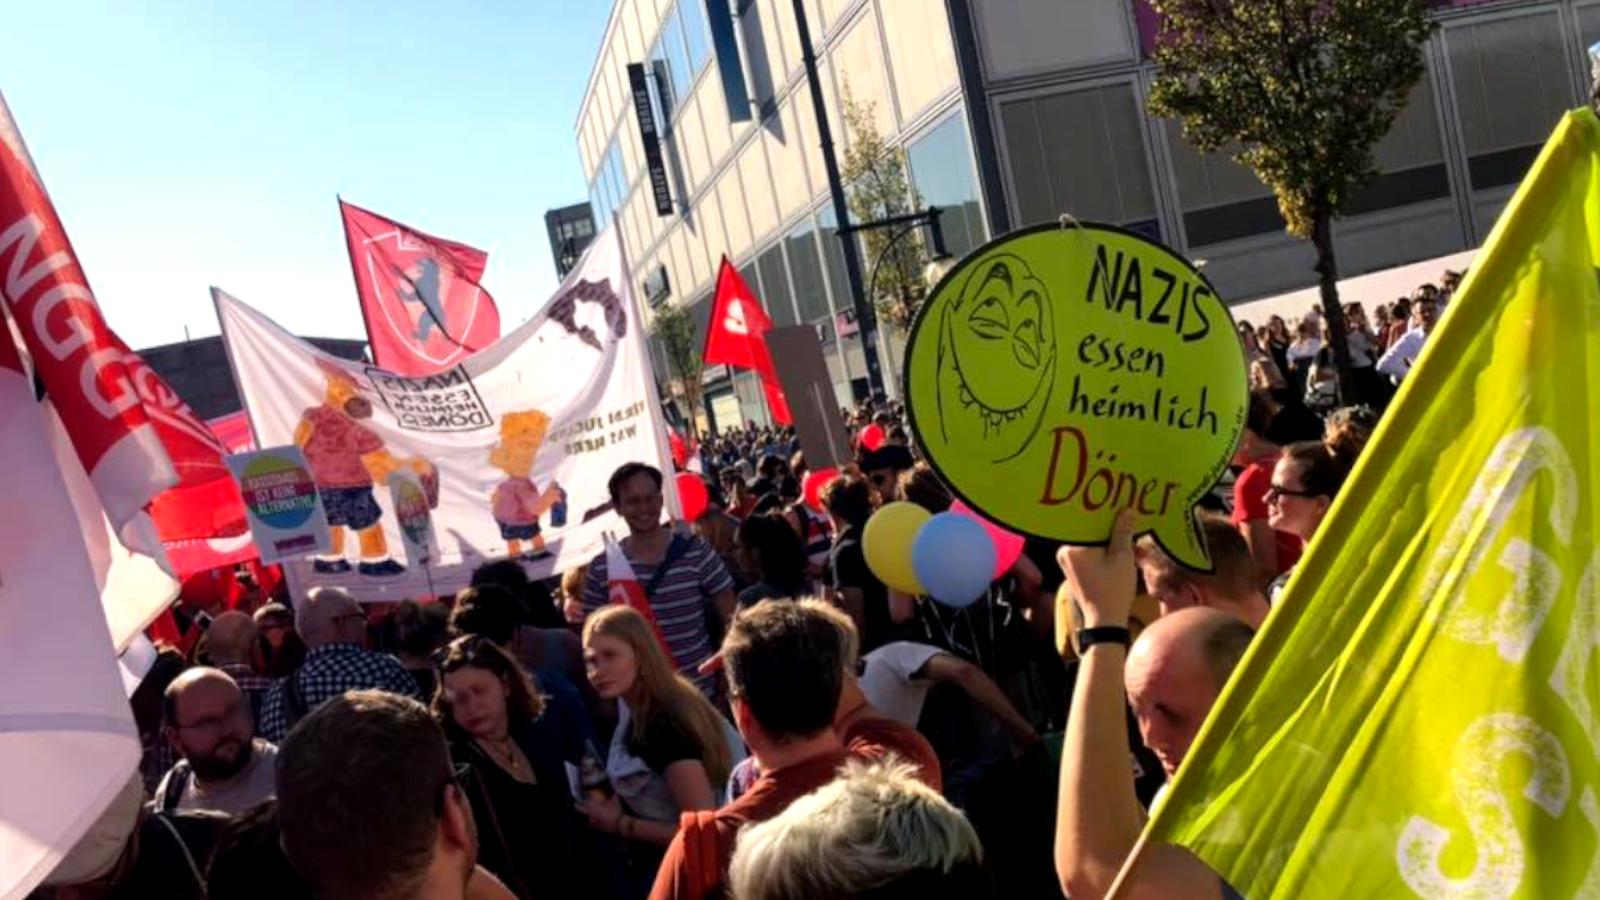 ver.di Jugend bei #unteilbar-Demo